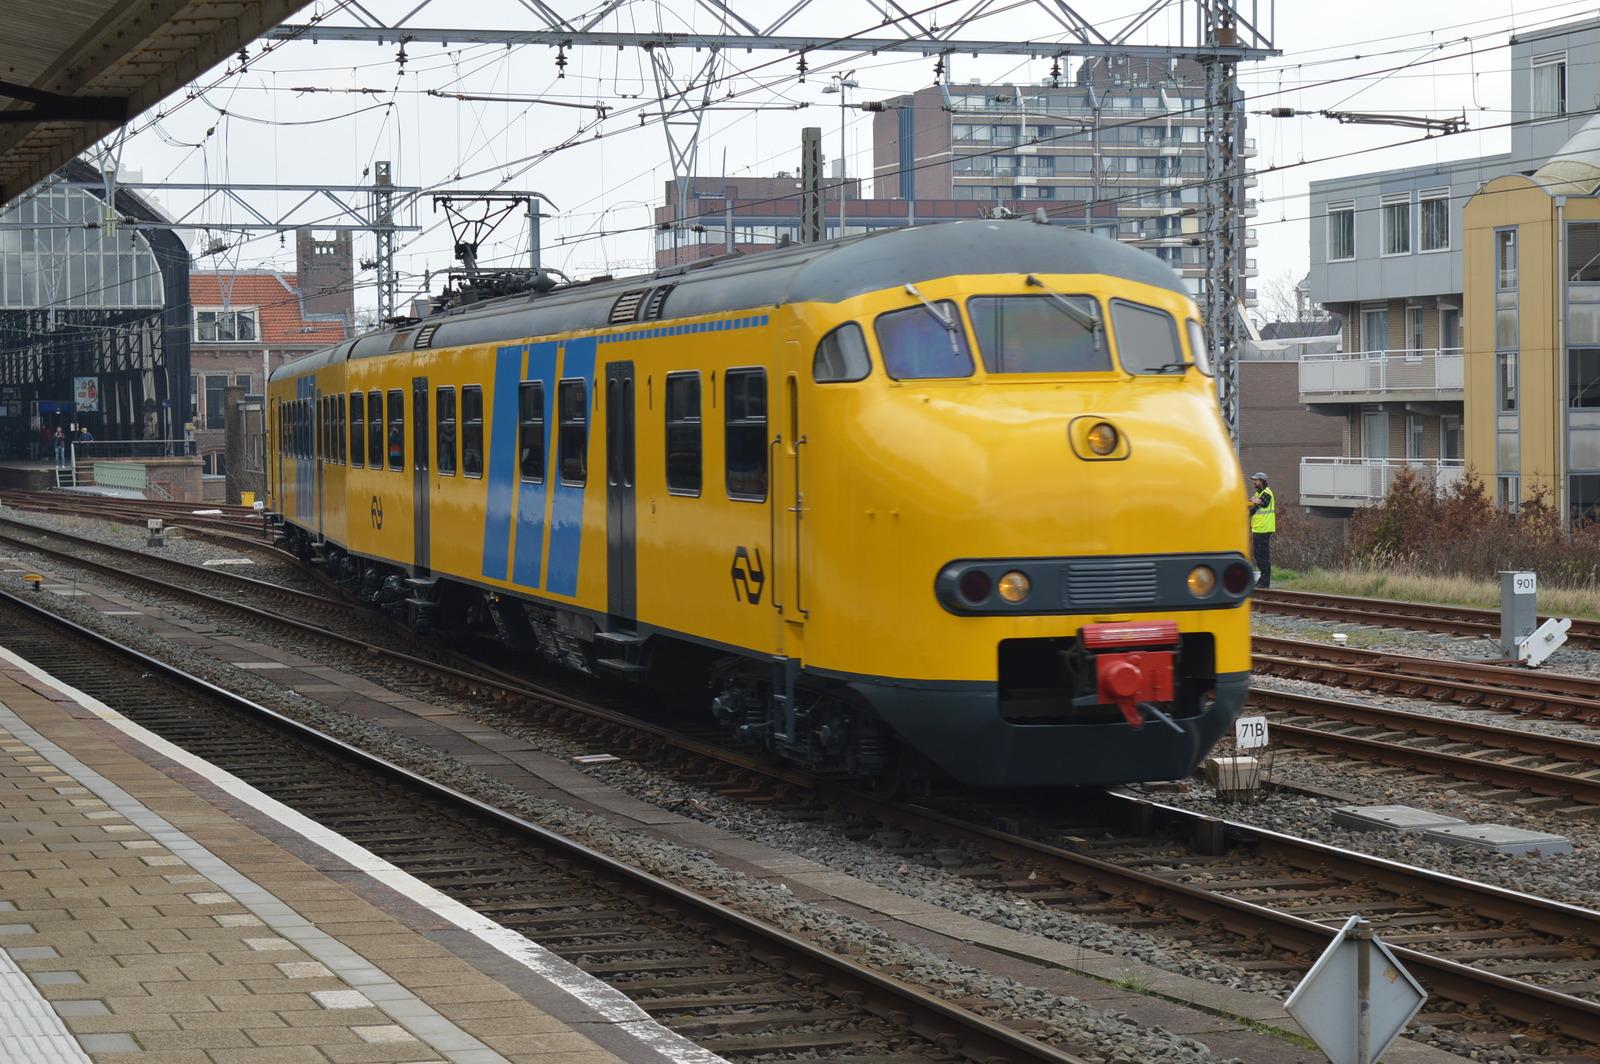 https://treinposities.nl/tn5/37/7d/93/74713_12489_5_377d939a8b69f0b2e9b53b73db353ab1ad739a80a5d222eb1456c39a0a3fdaf4.jpg